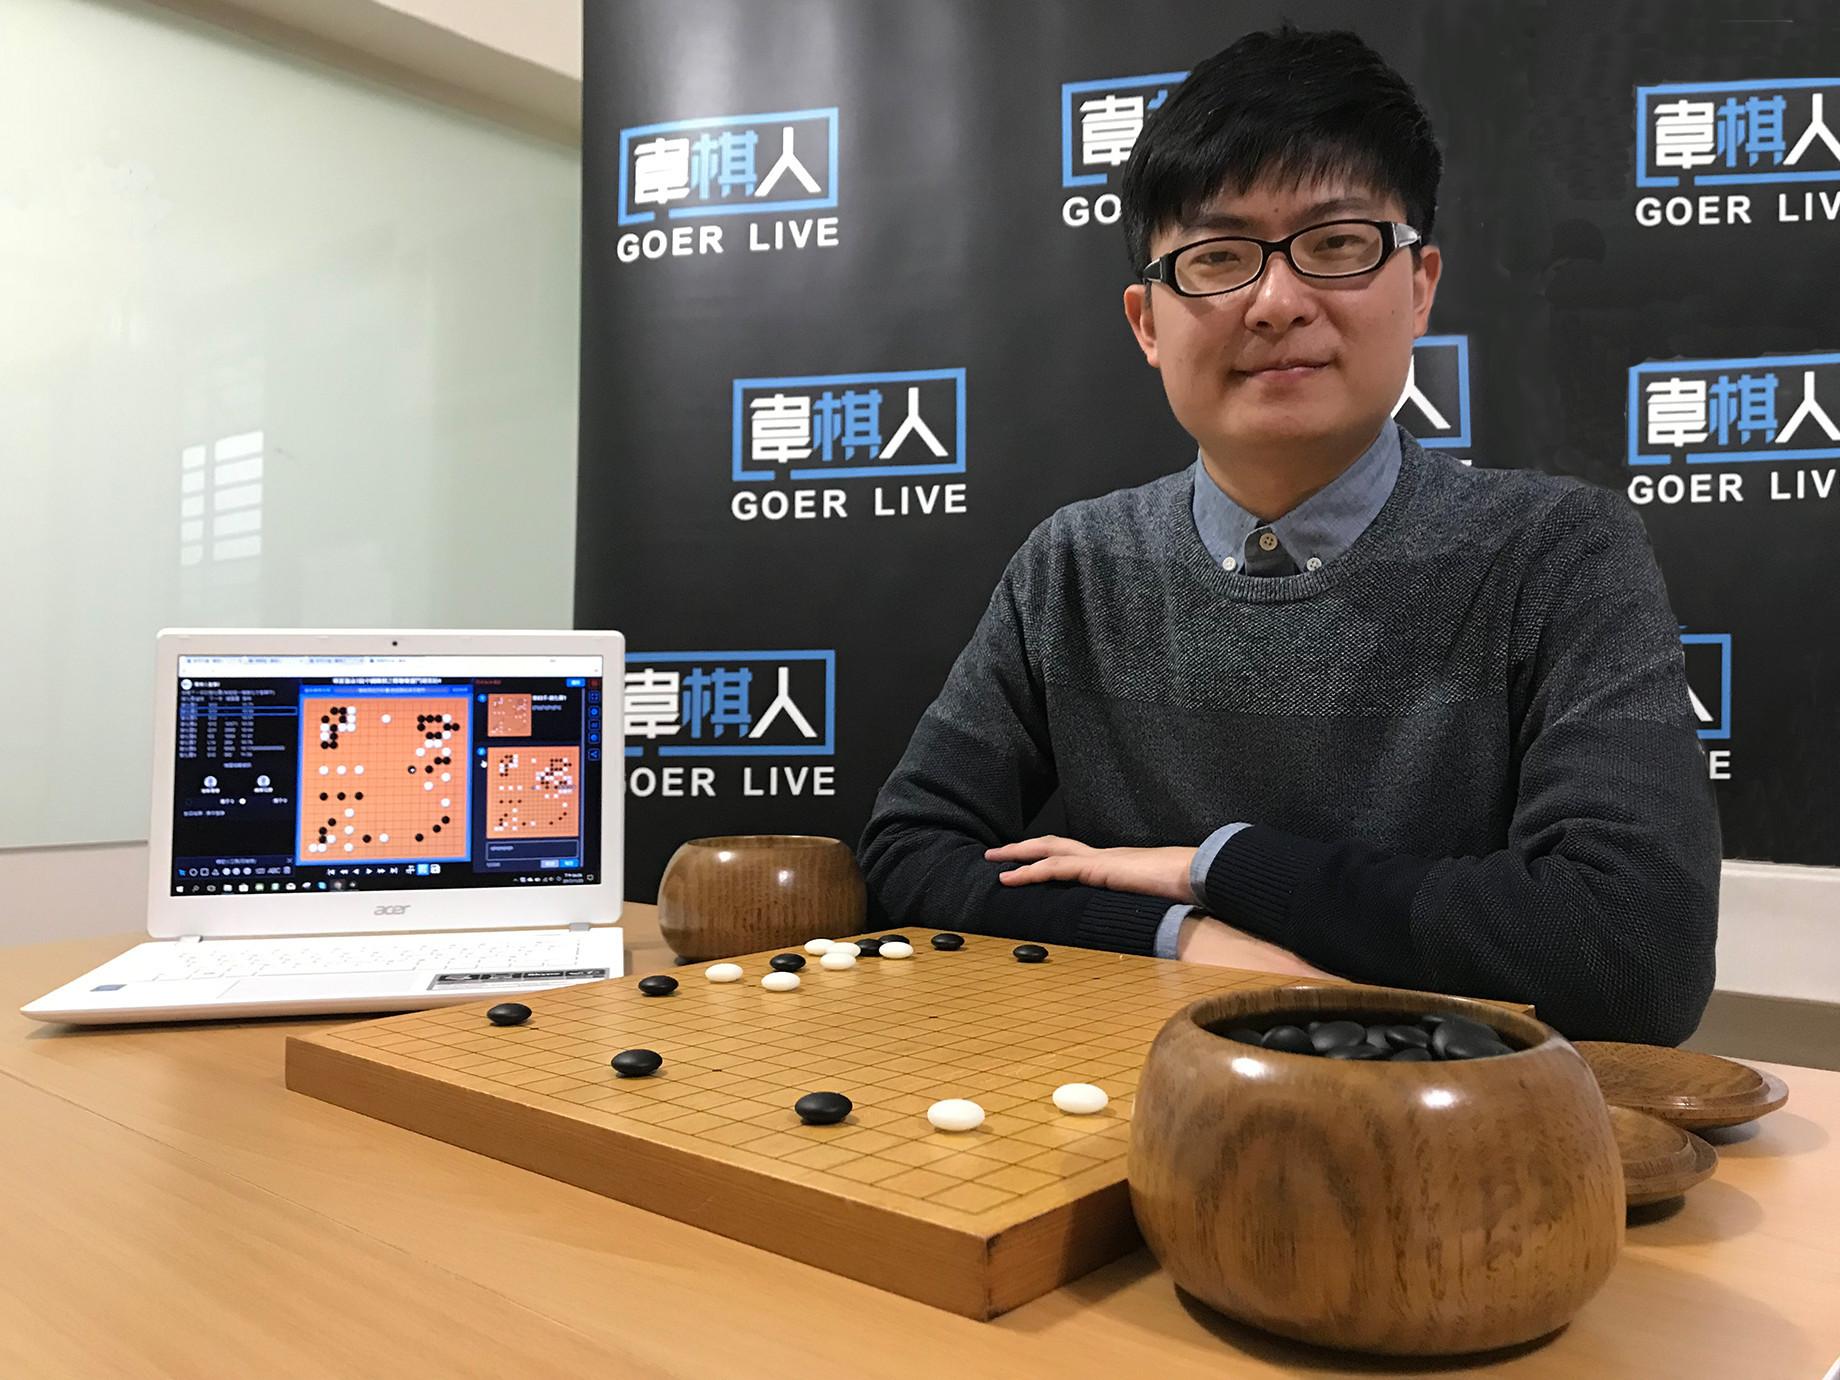 台灣自媒體協會企業報導》AlphaGo只是開始,「圍棋人」正醞釀一場O2O轉型